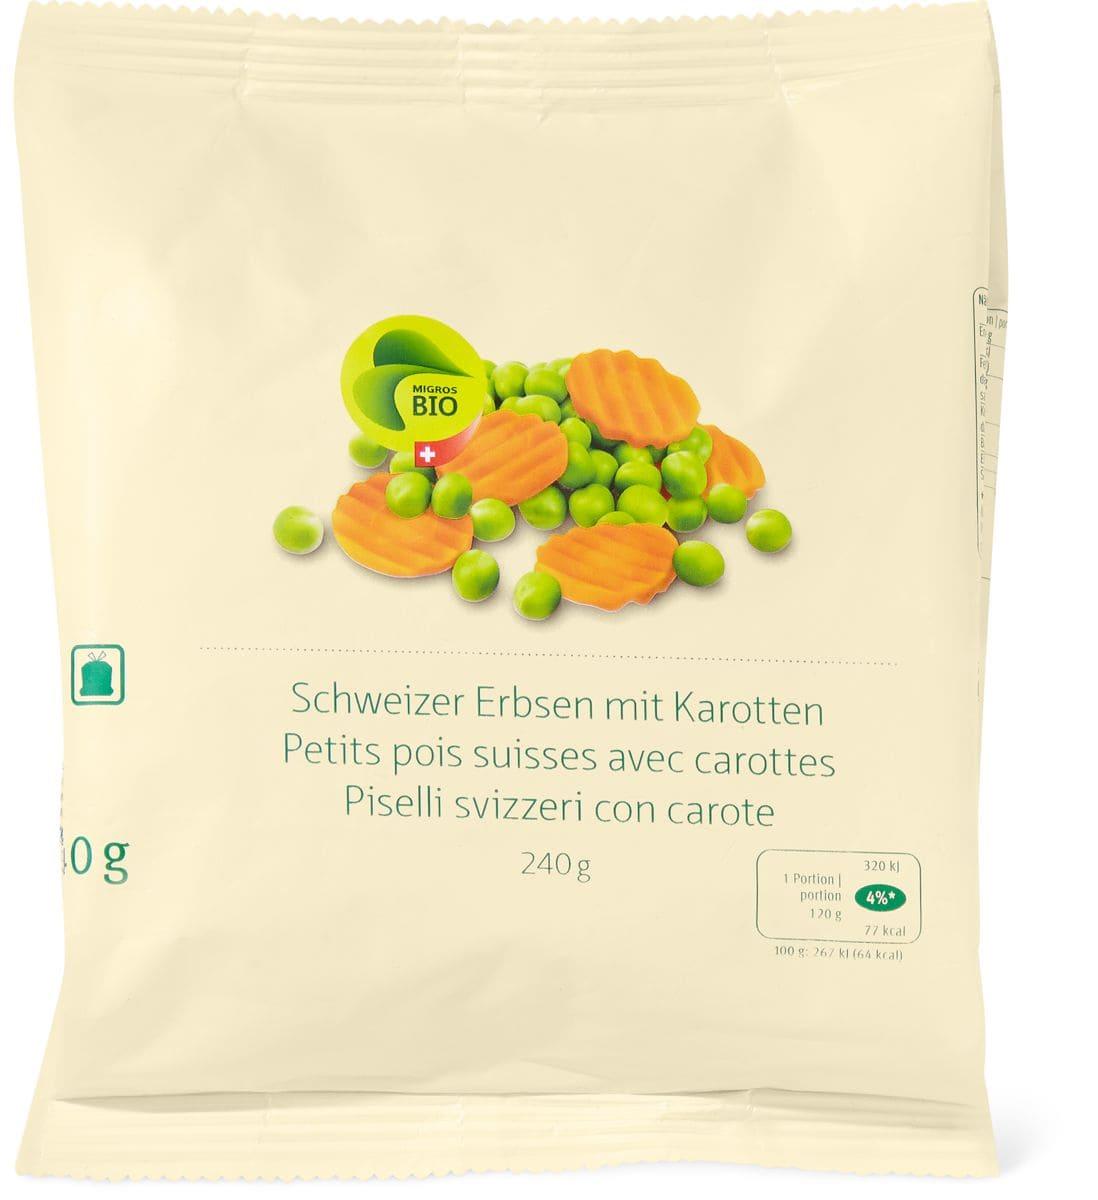 Bio piselli con carote